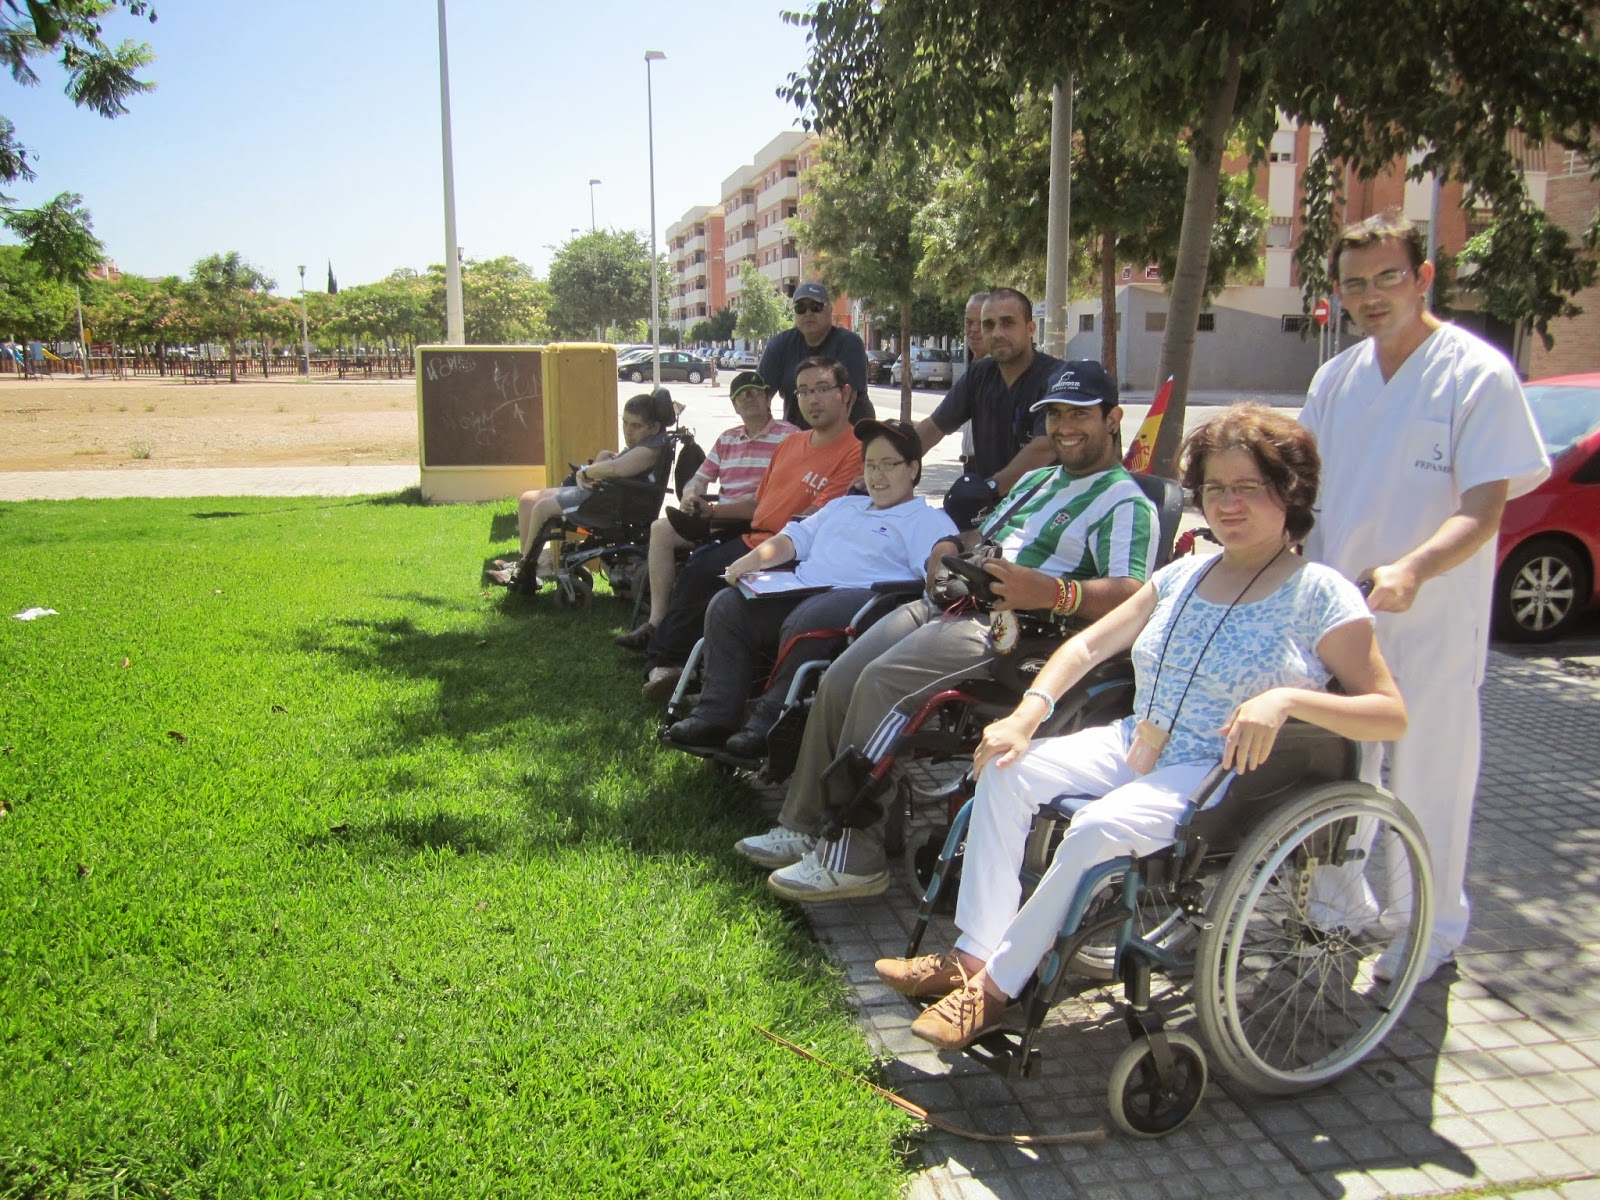 Participantes usuarios de silla de ruedas muestran su imposibilidad de acceder a la zona de césped que forma parte del parque.